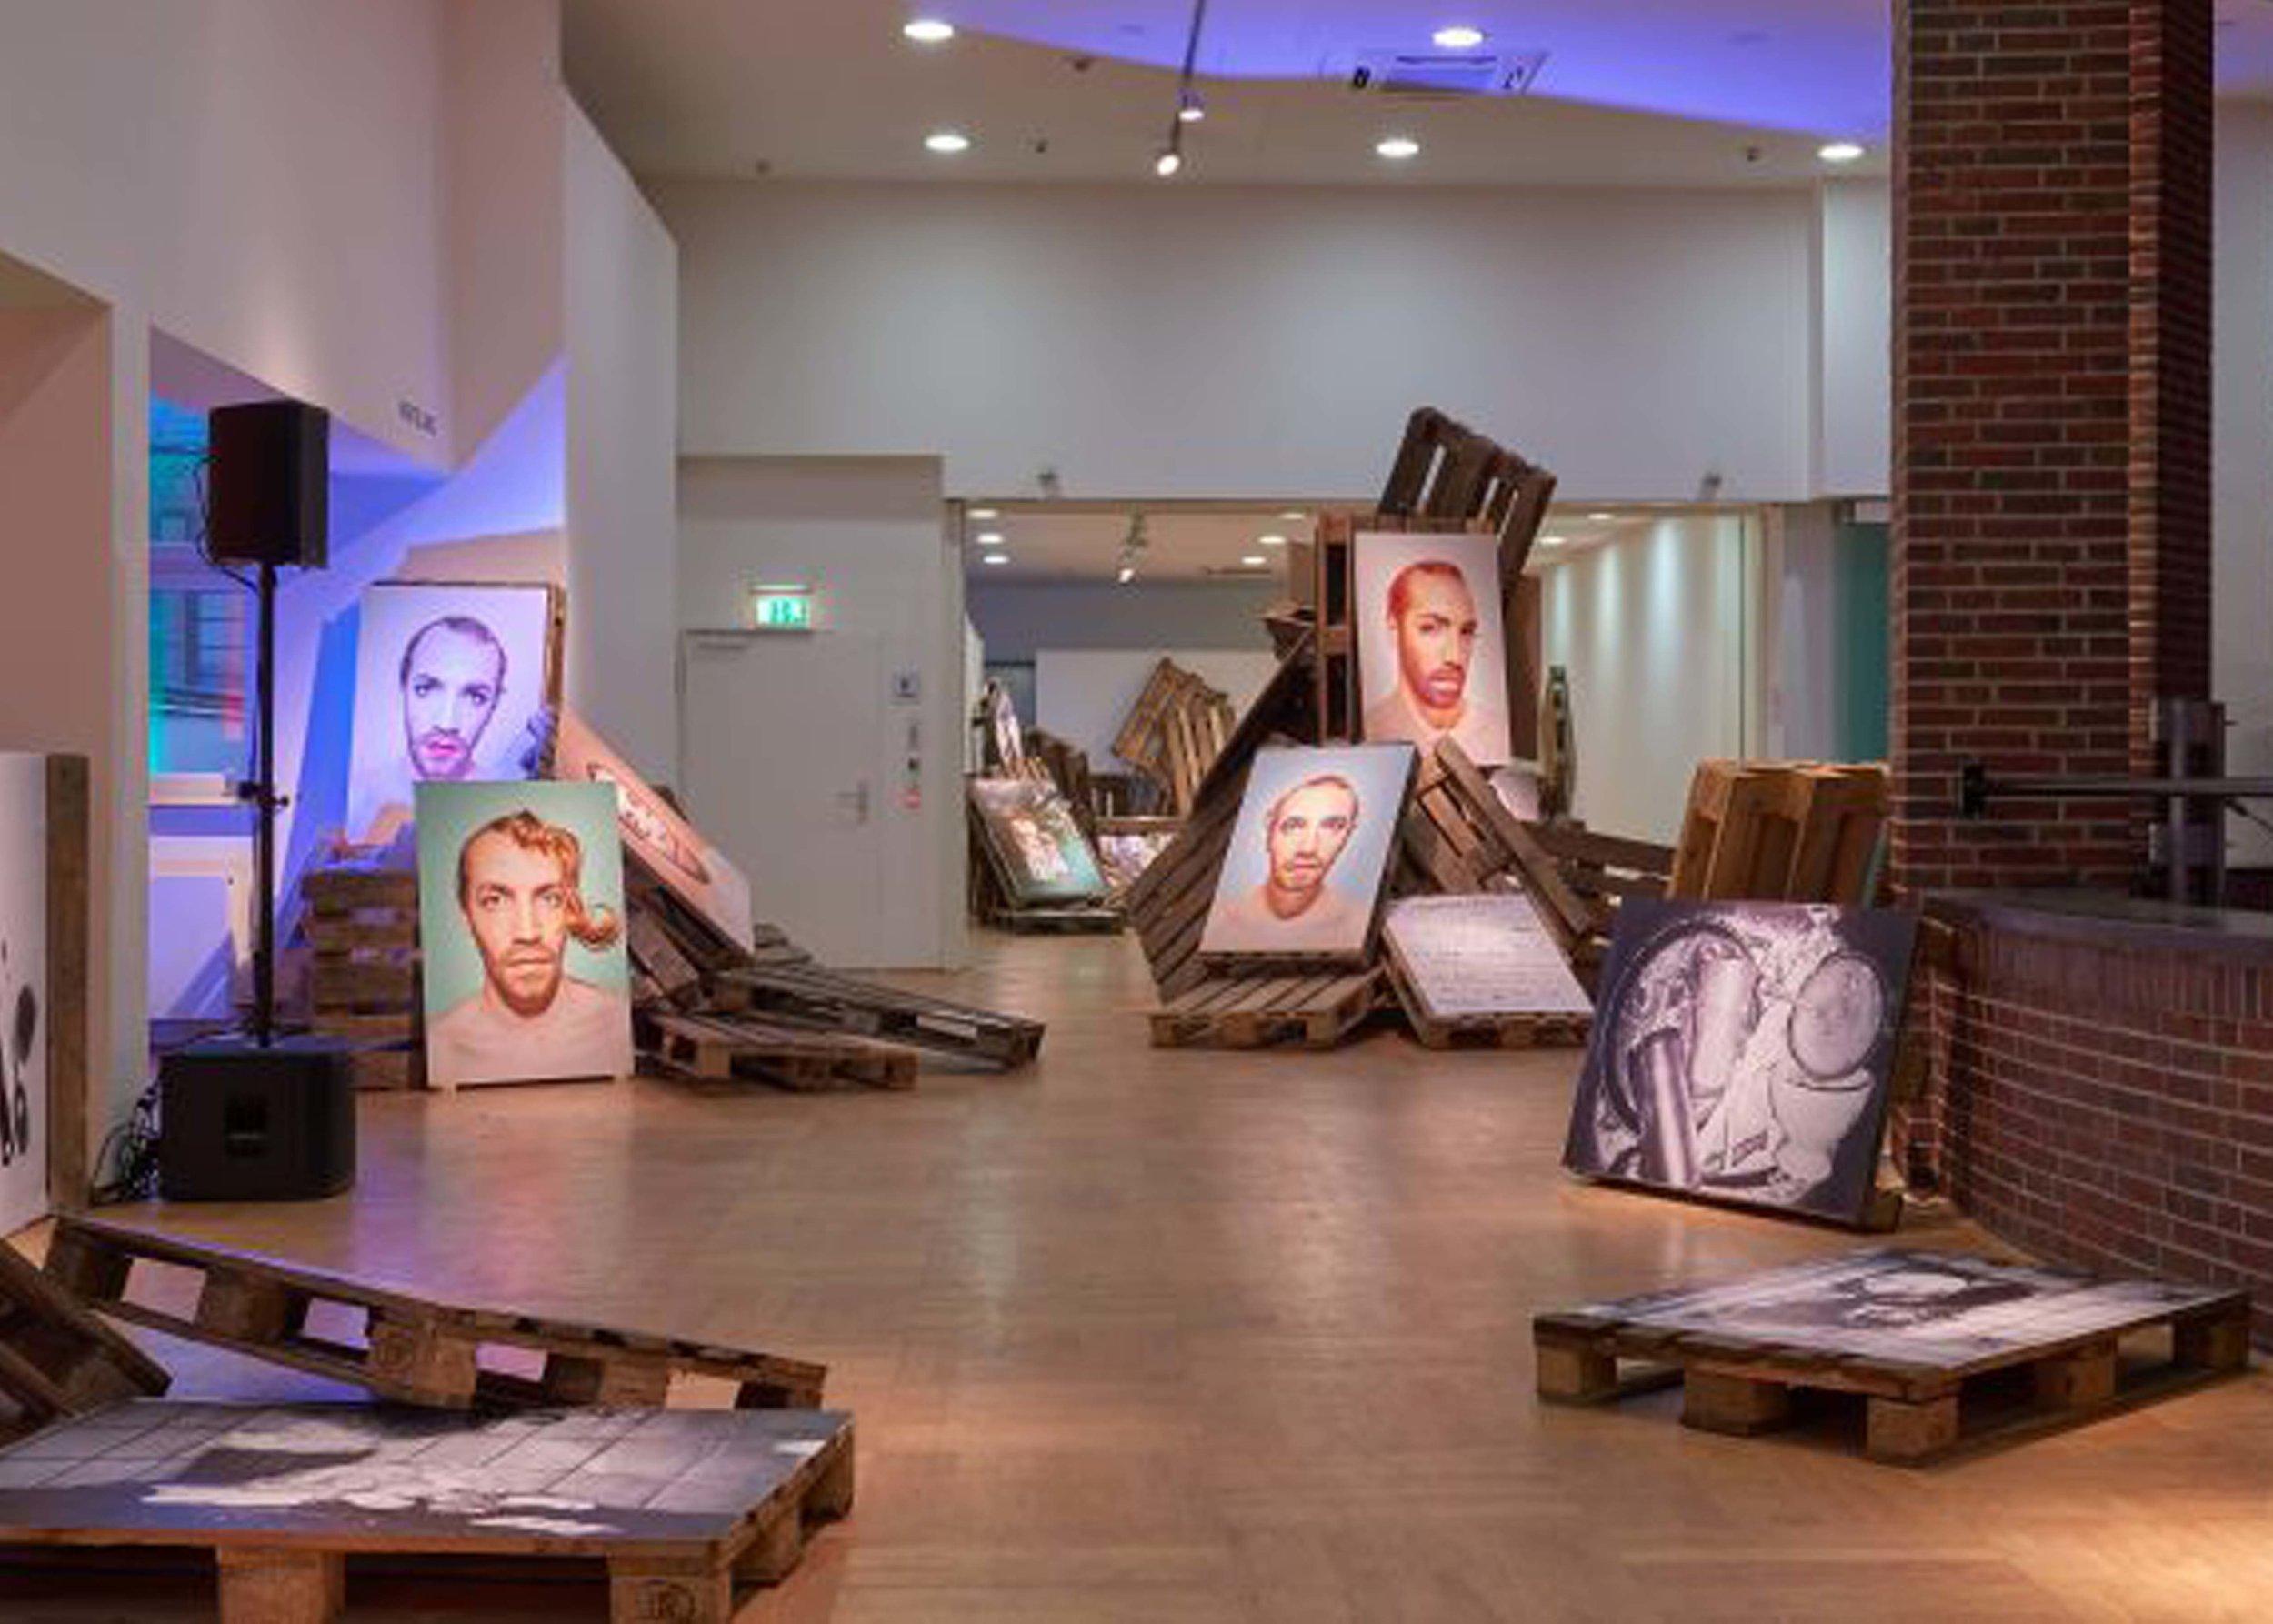 EXHIBITION - « the embarrassment show » with Erik Kessel, NRW-Forum, Düsseldorf, 2015